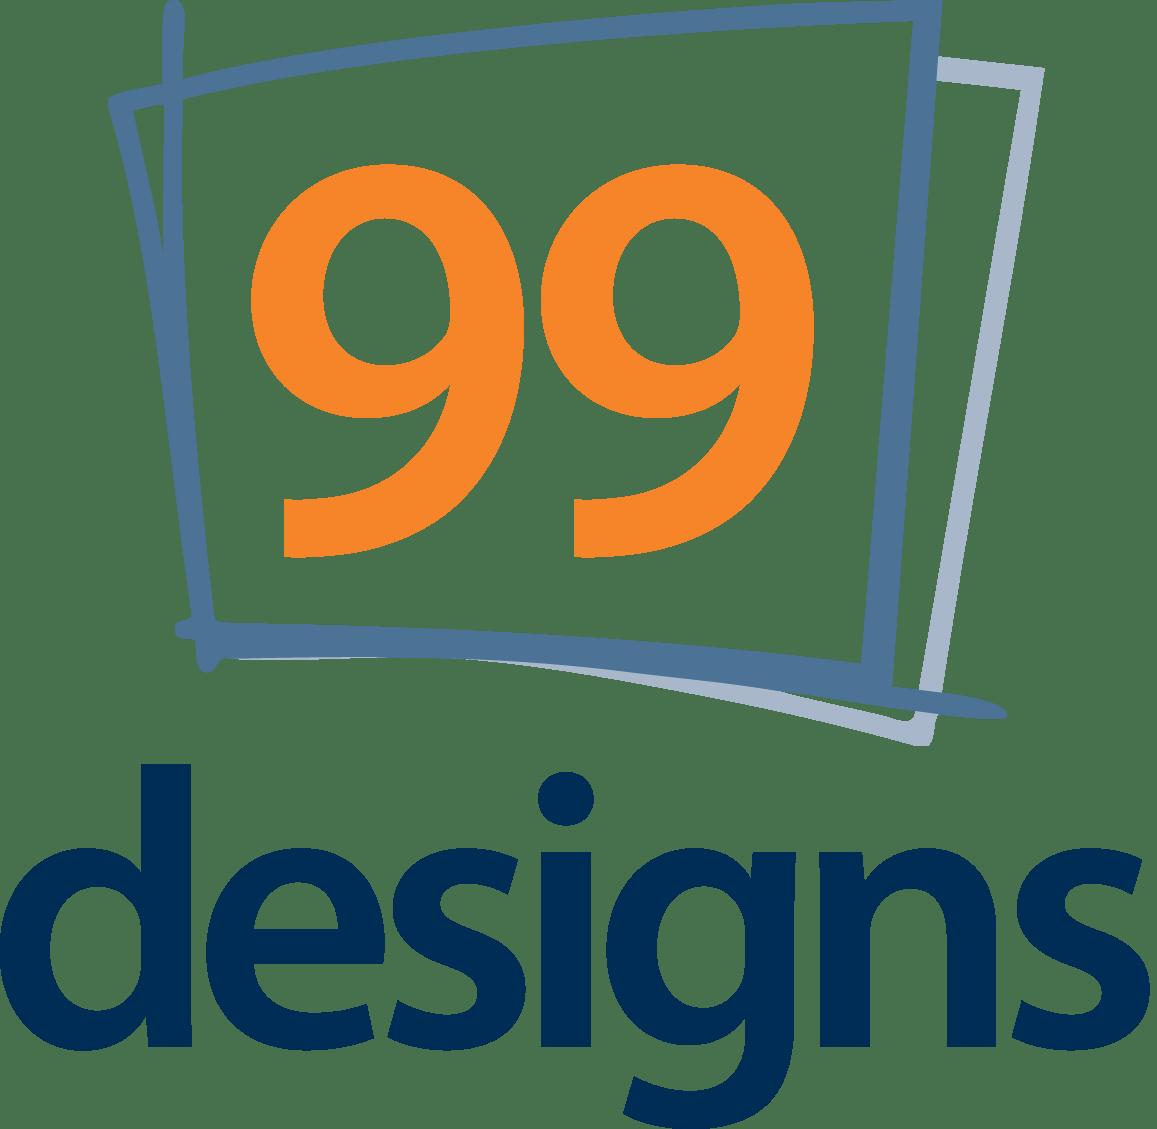 99designs.com